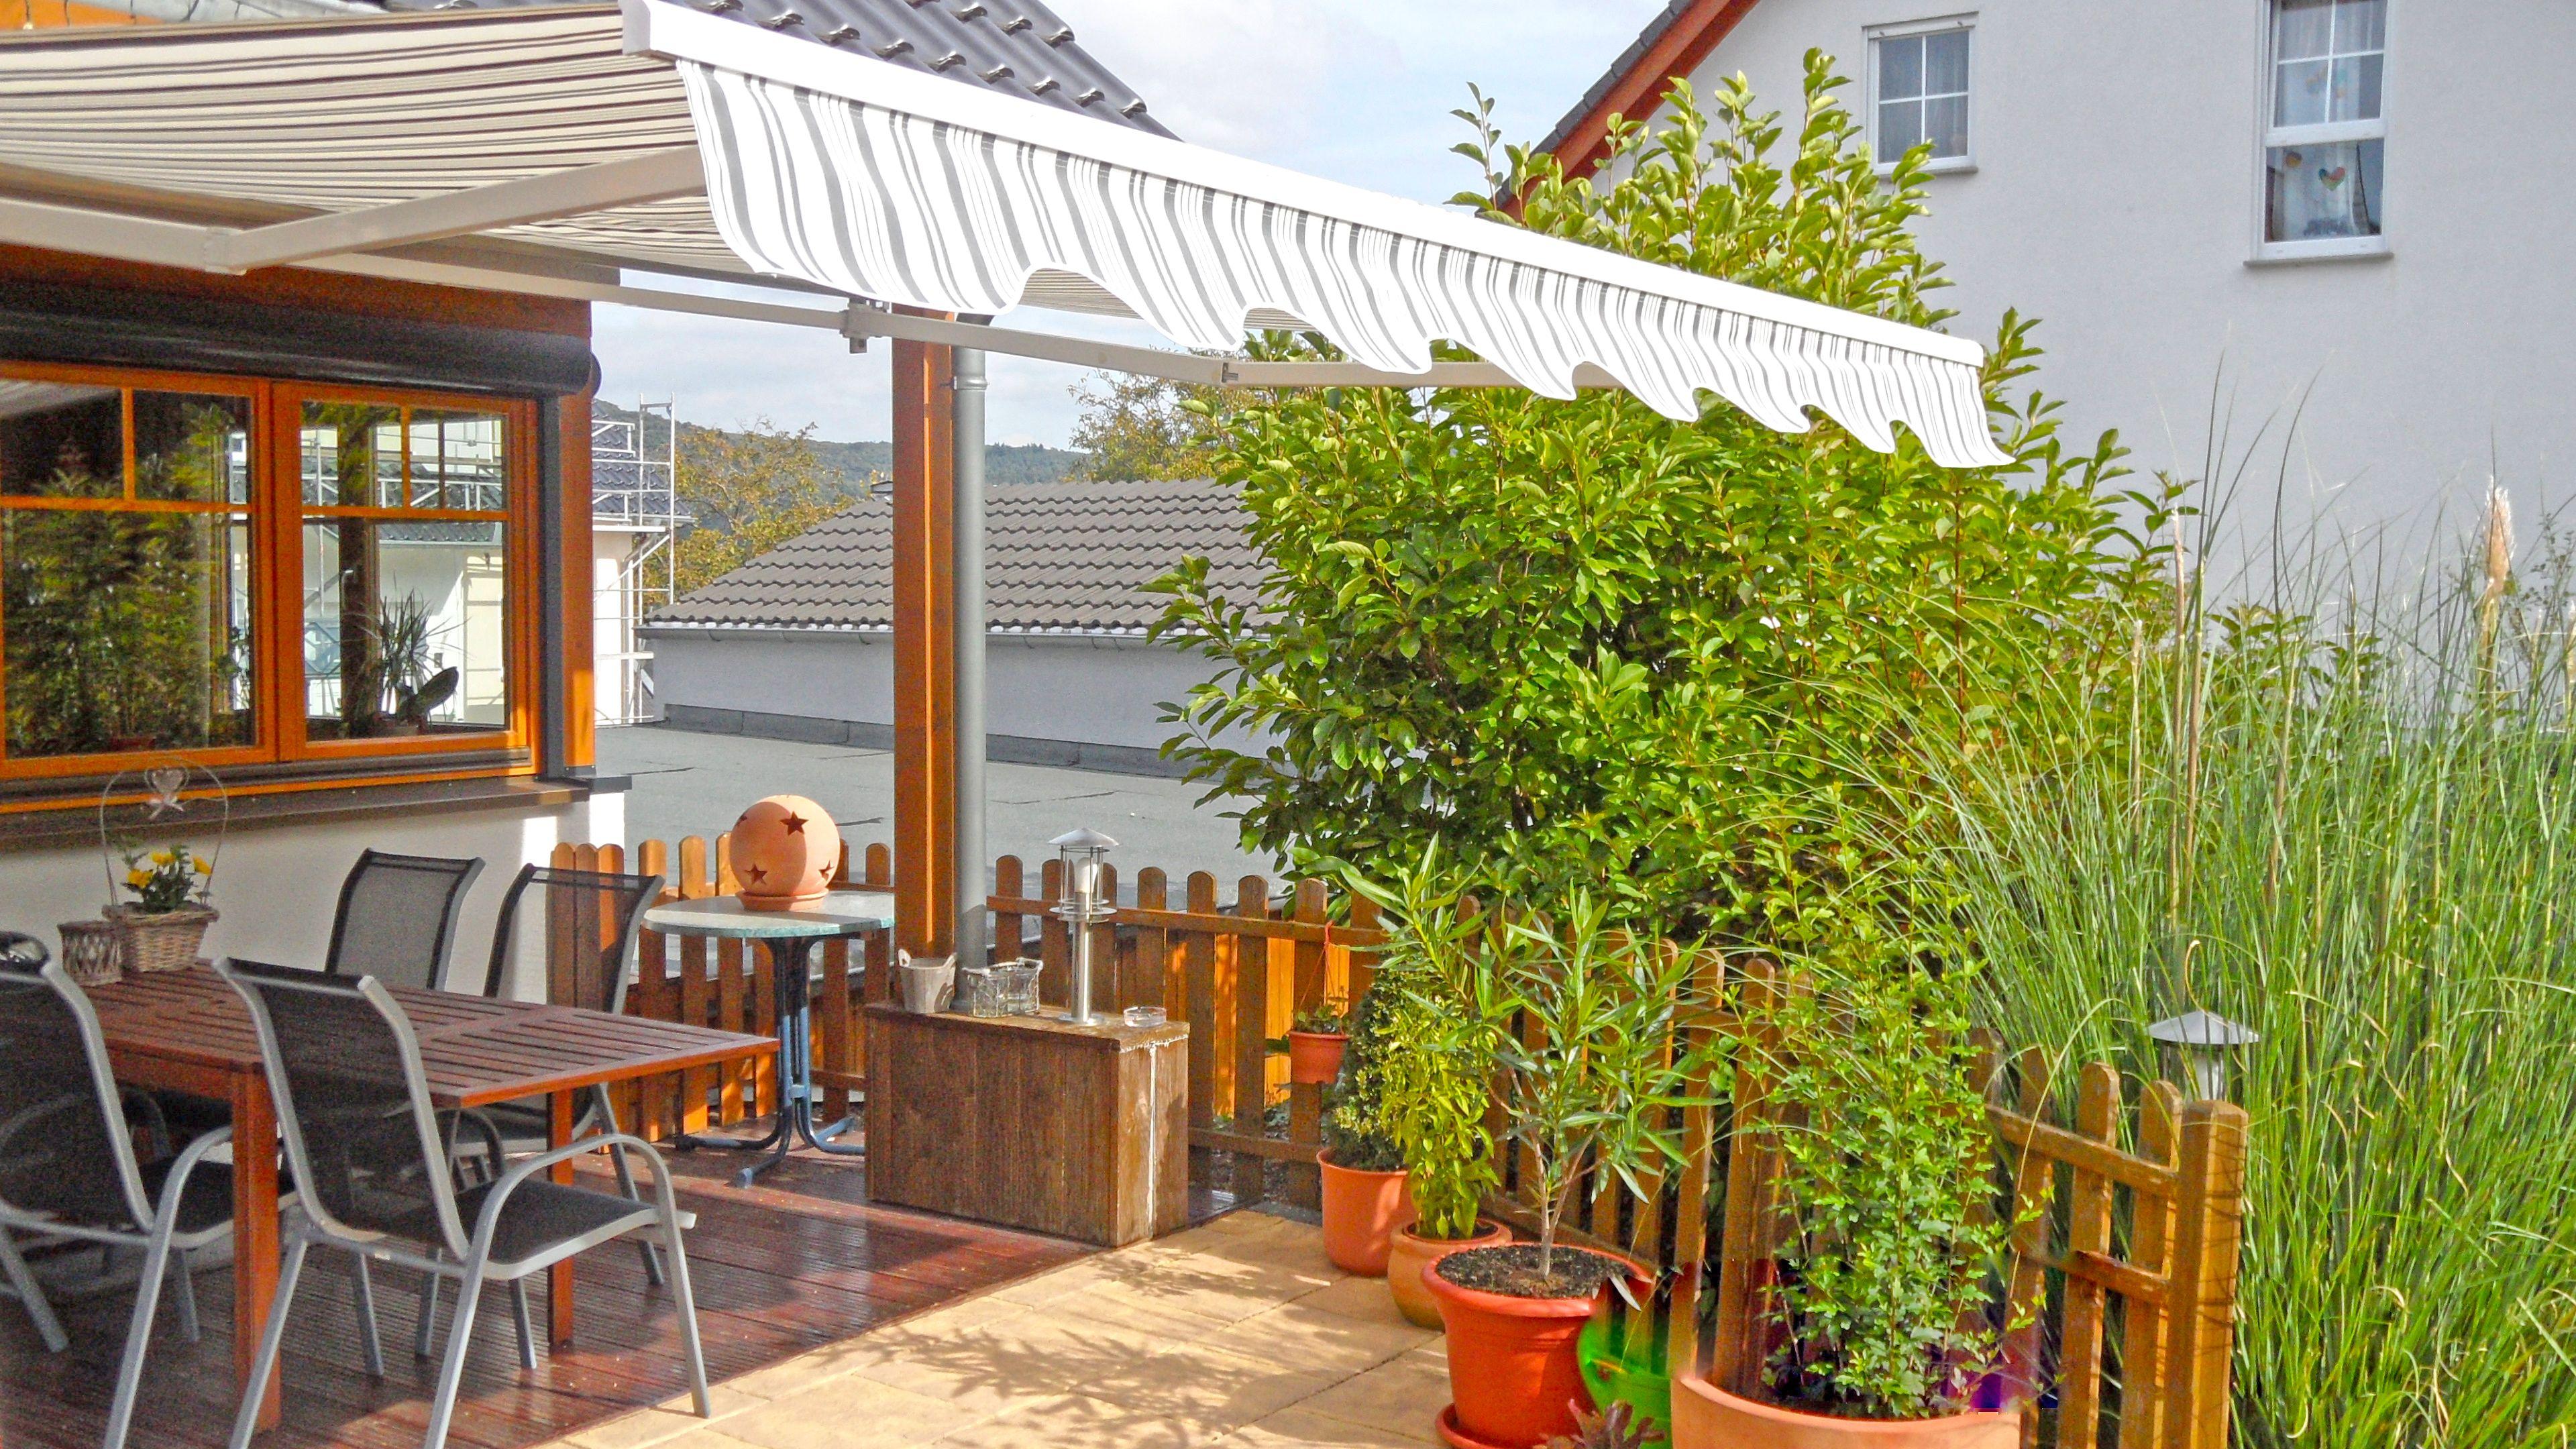 markise #garten #terrasse #frühling Schöner Wohnen mit unseren ...